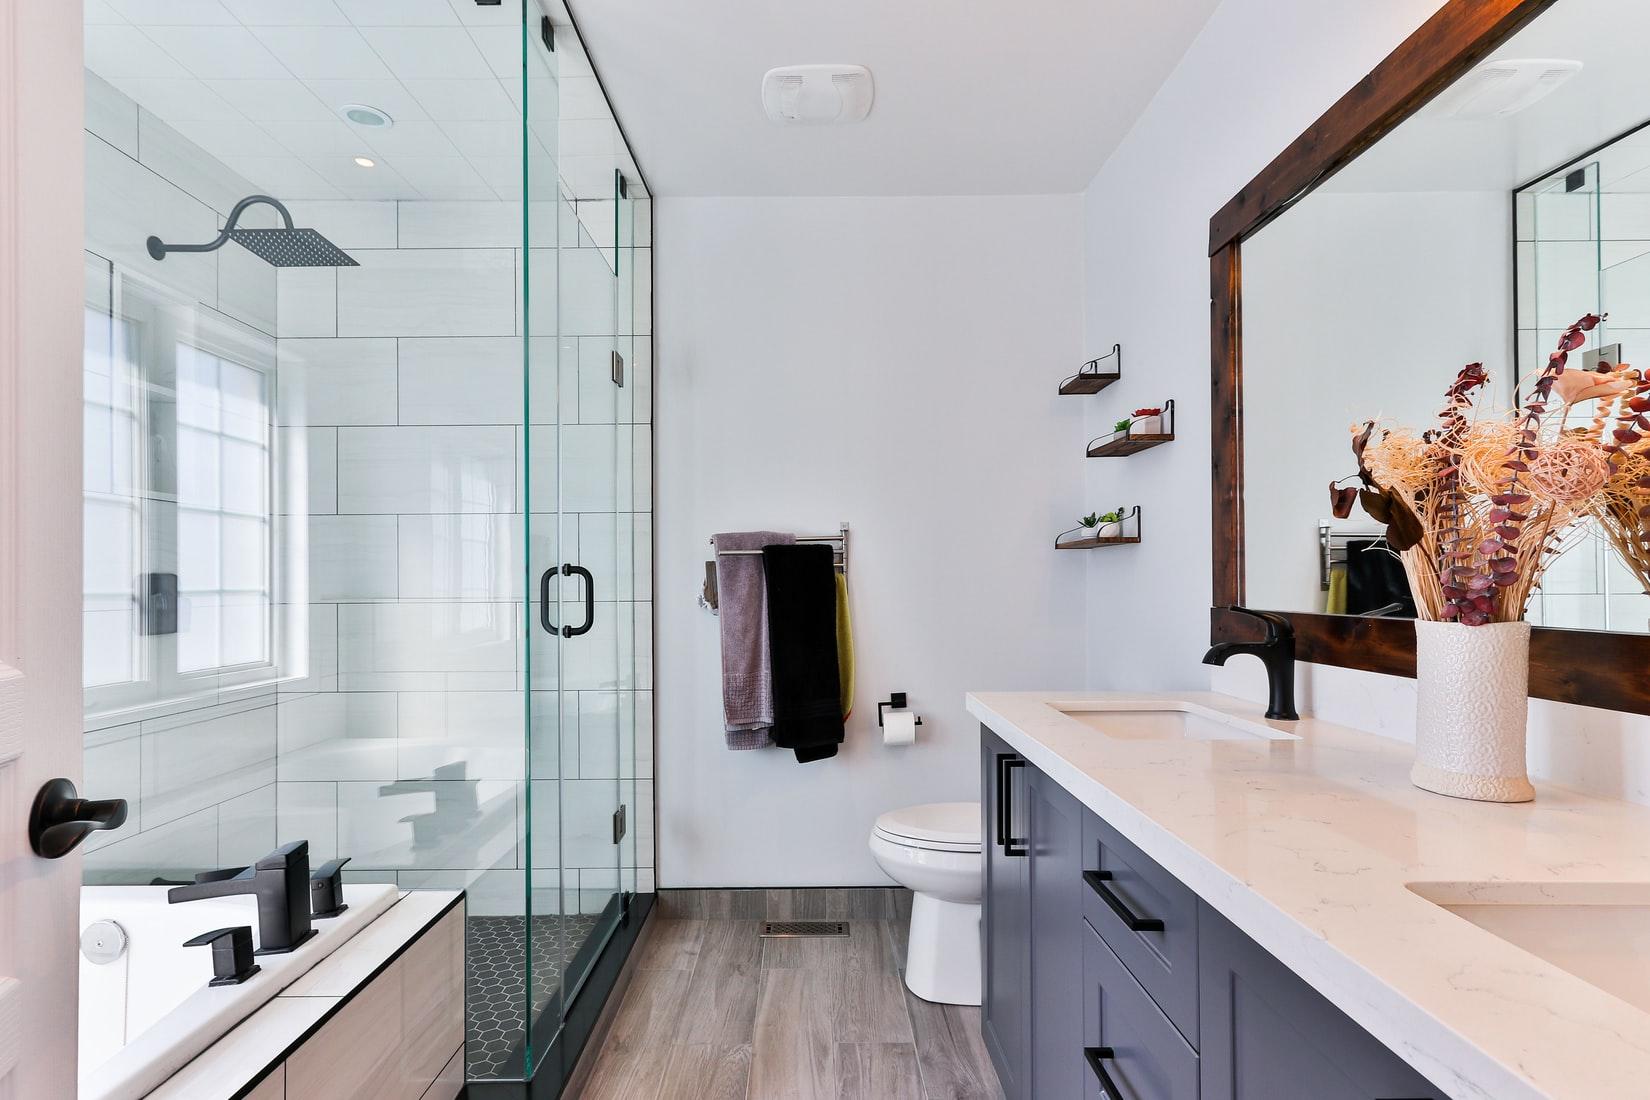 Linoleum floor for bathroom